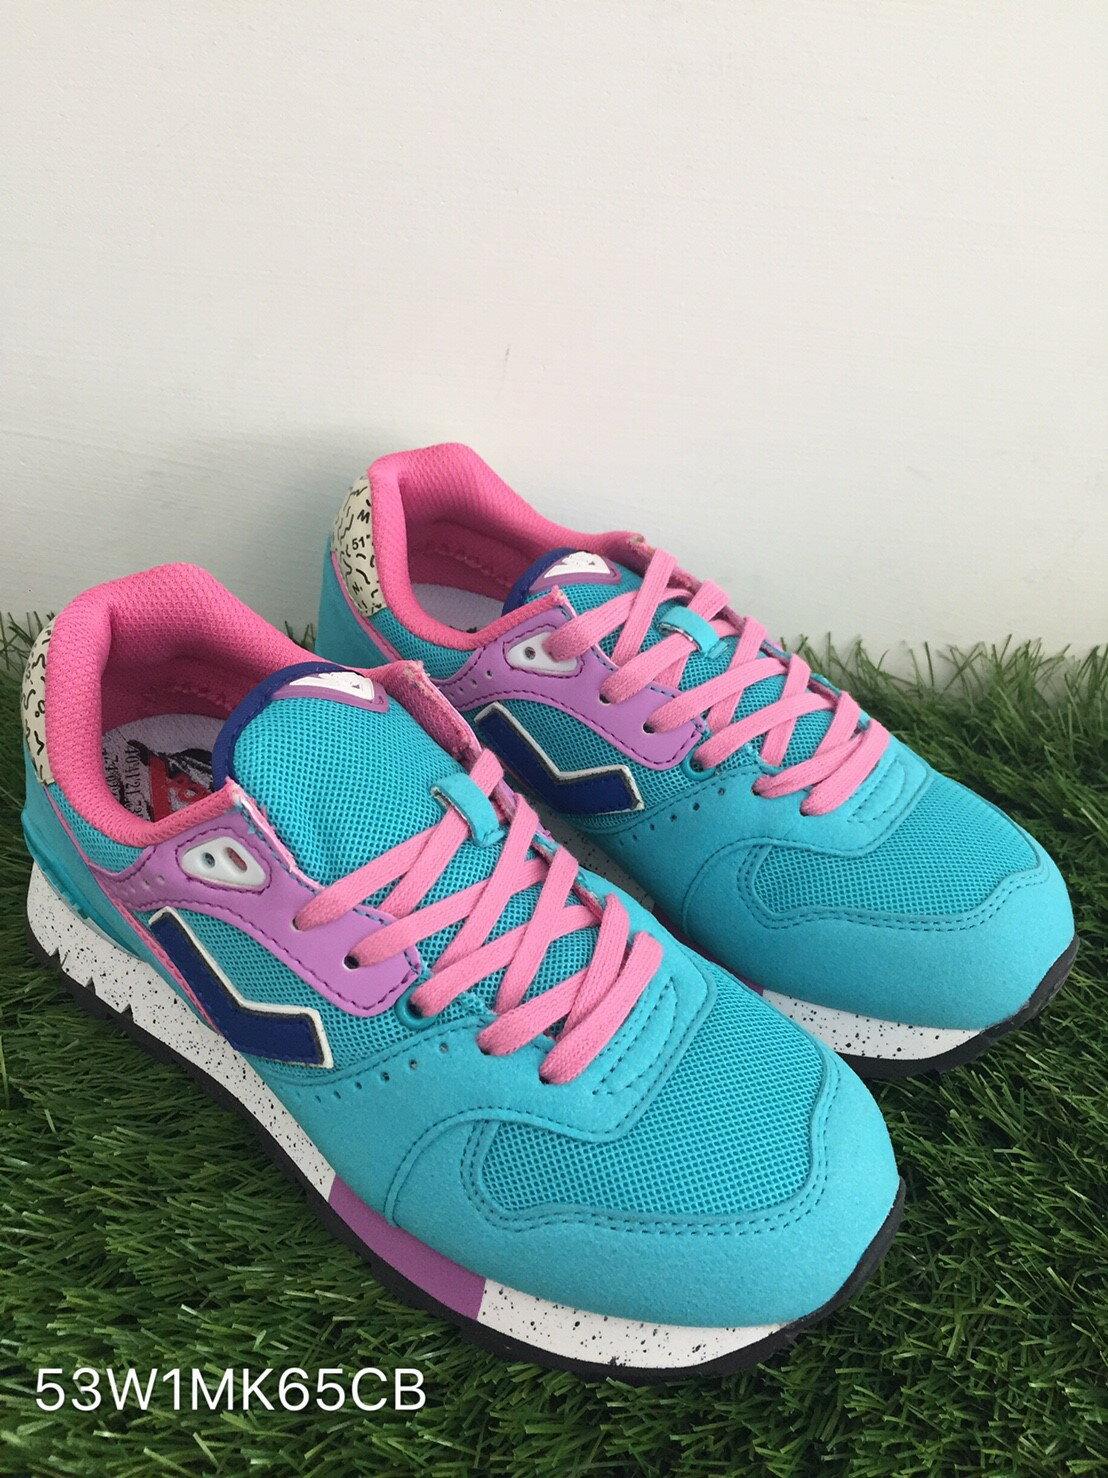 ★限時特價990元★ Shoestw【53W1MK65CB】PONY 復古慢跑鞋 內增高 水藍粉色 女生 0